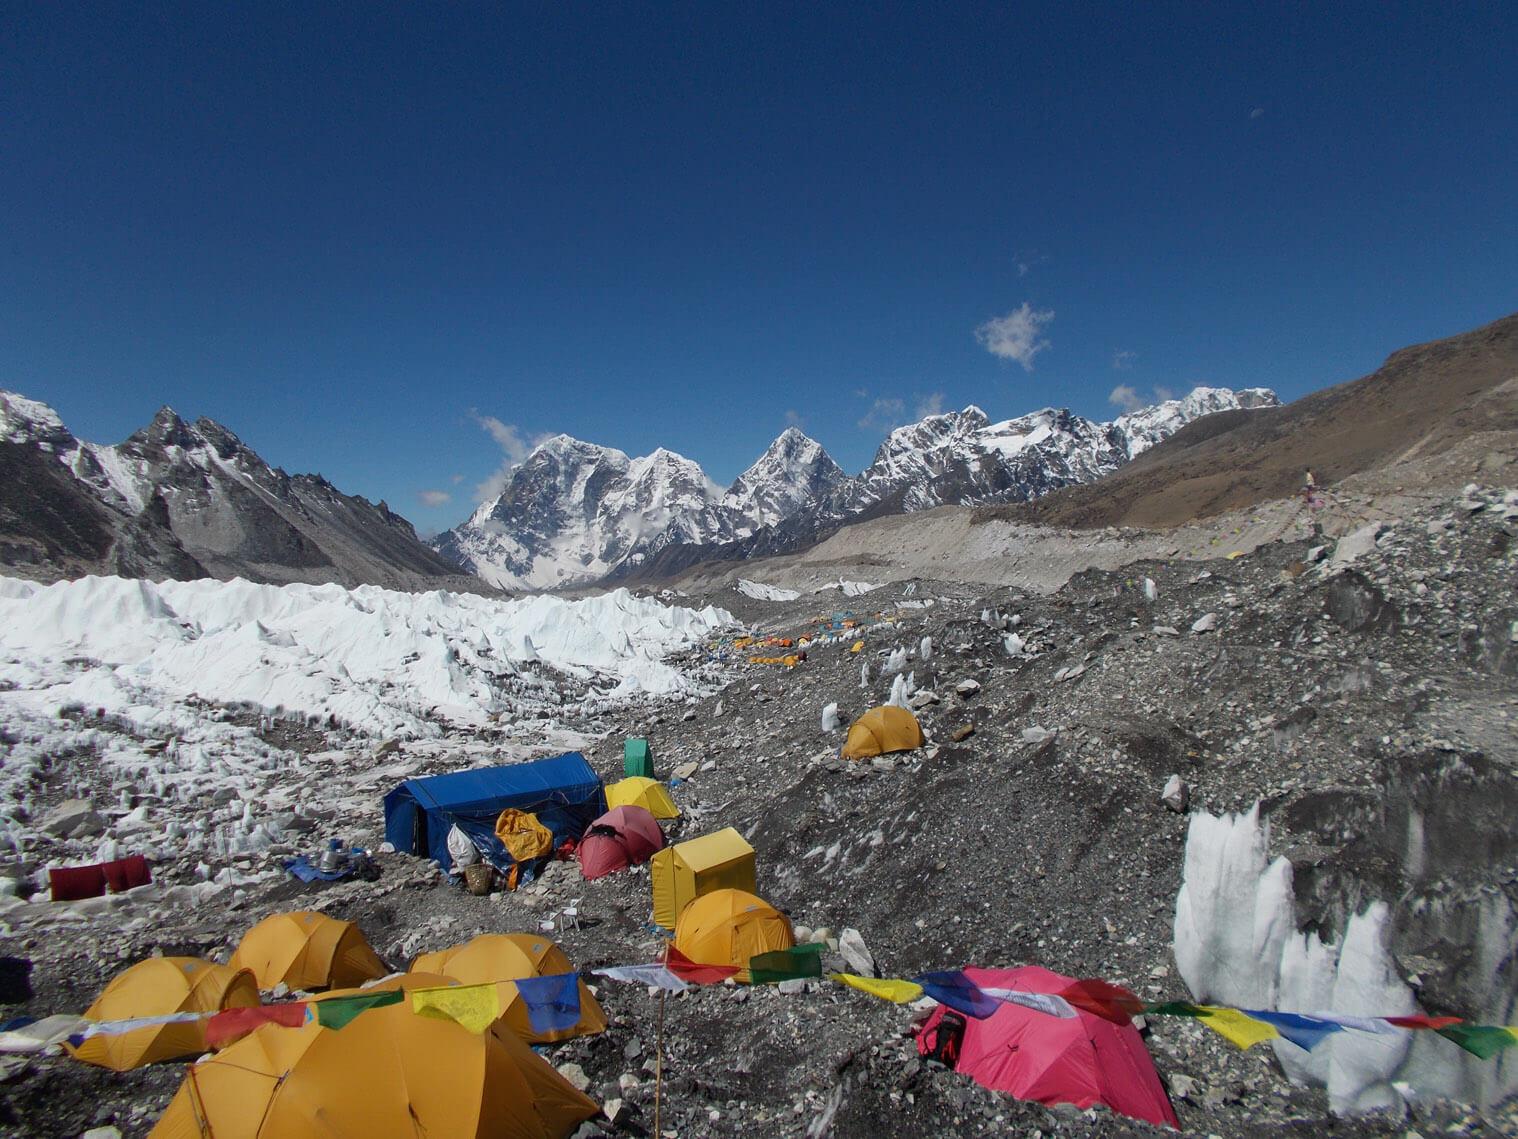 Rozhovor: Komerčný výstup na Everest nie je pre každého